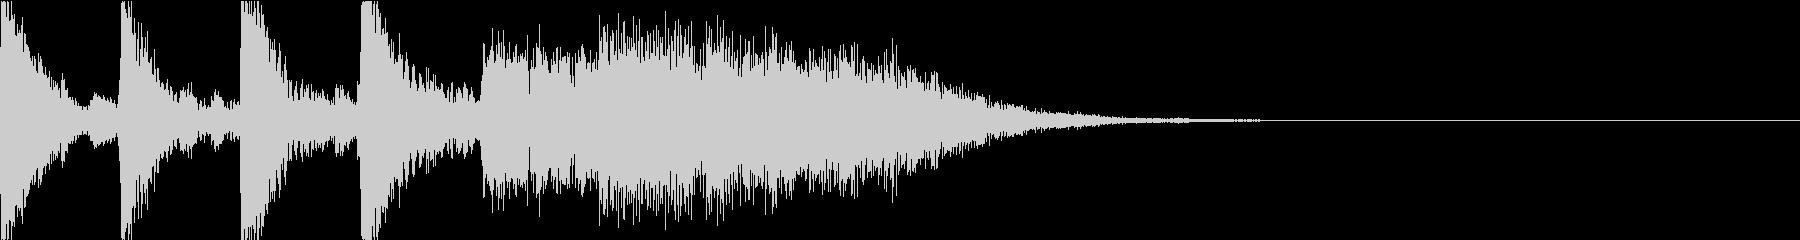 理系イメージのタイトルロゴサウンドの未再生の波形